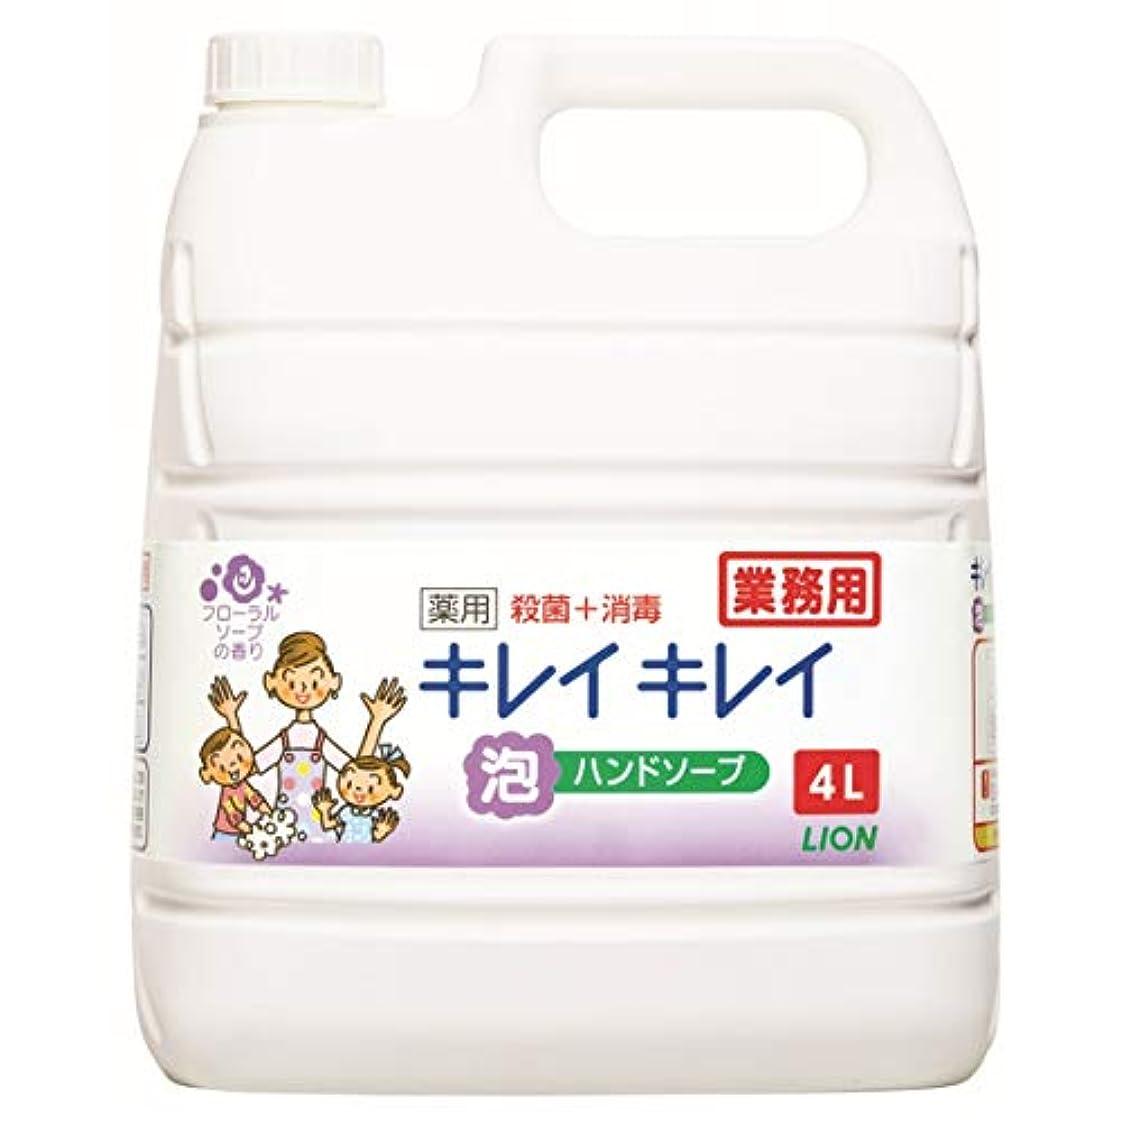 時計上下する検証【業務用 大容量】キレイキレイ 薬用 泡ハンドソープフローラルソープの香り 4L(医薬部外品)